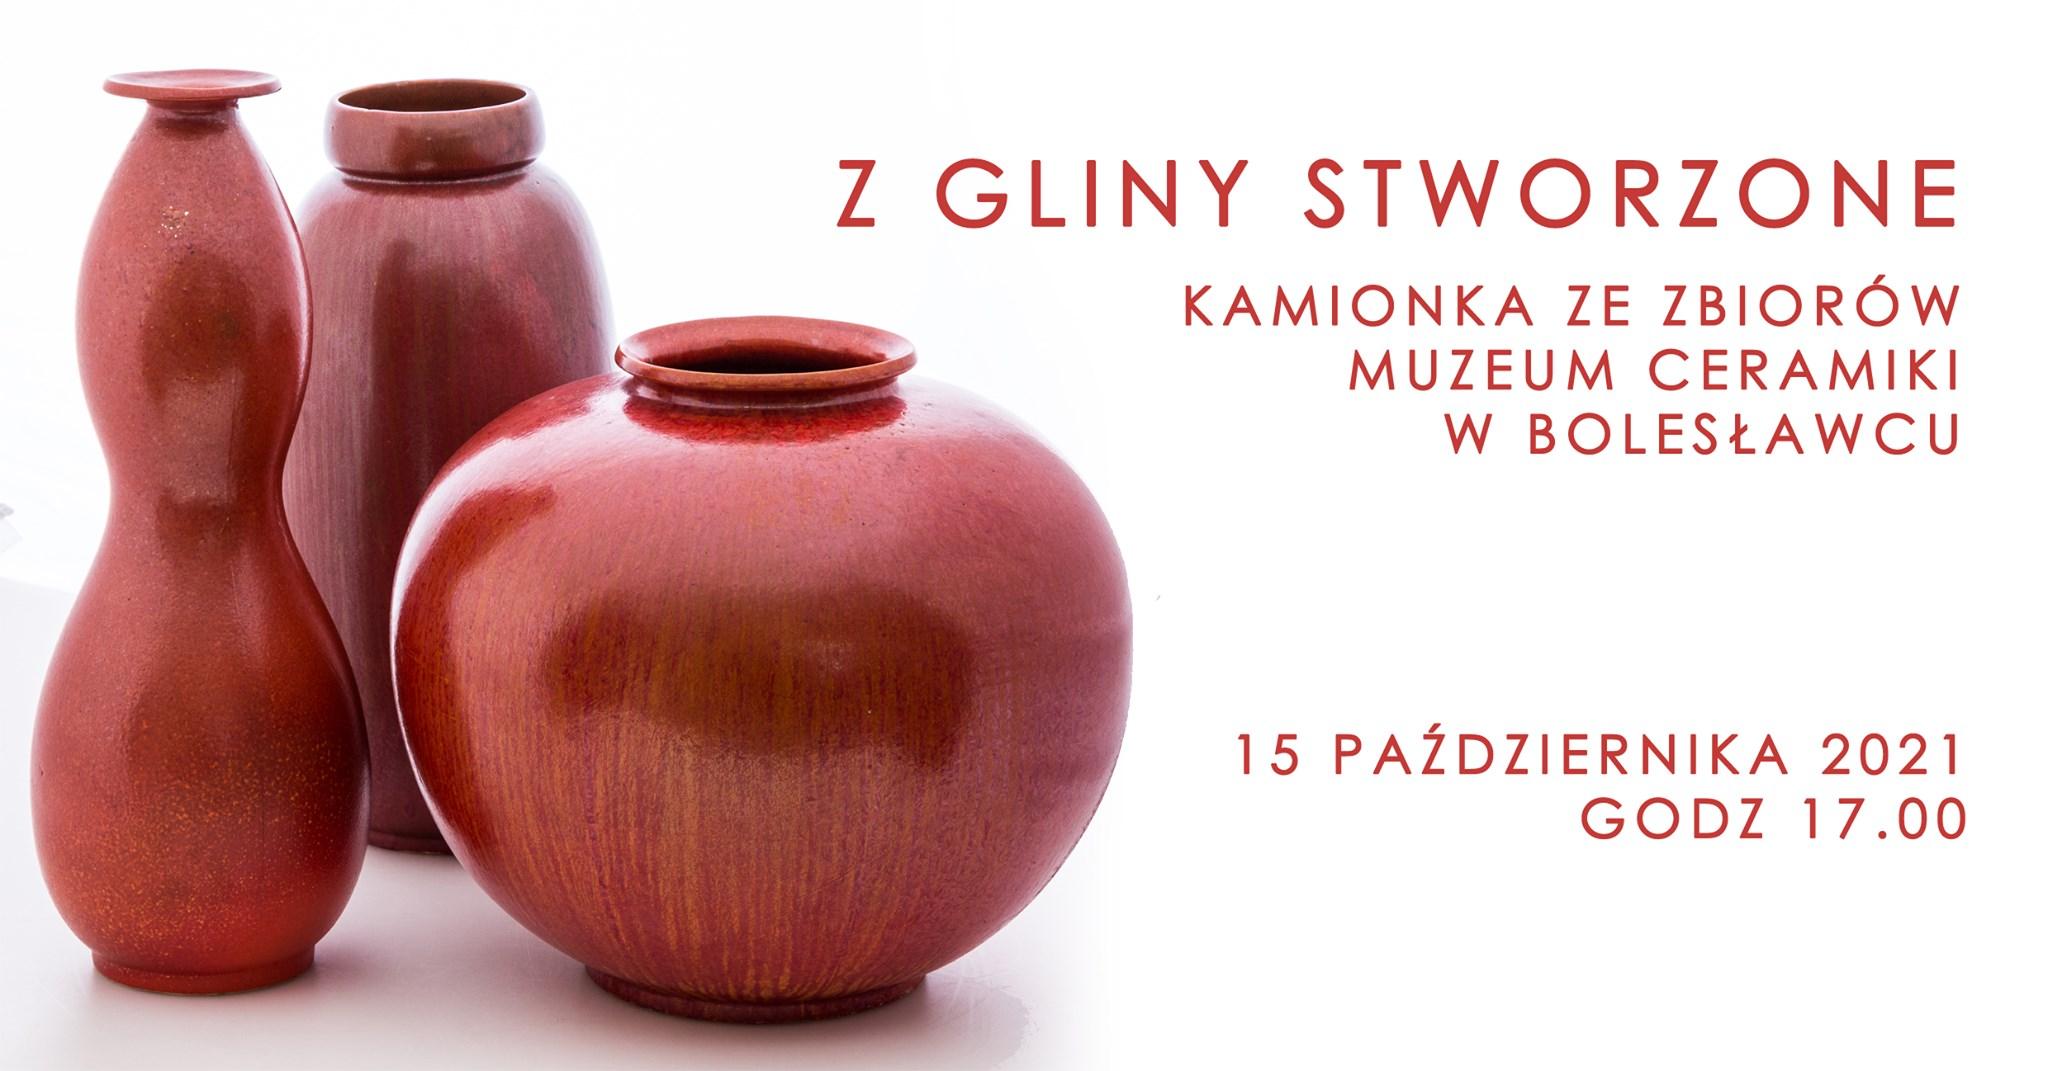 Wystawa: Z gliny stworzone. Kamionka ze zbiorów Muzeum Ceramiki w Bolesławcu